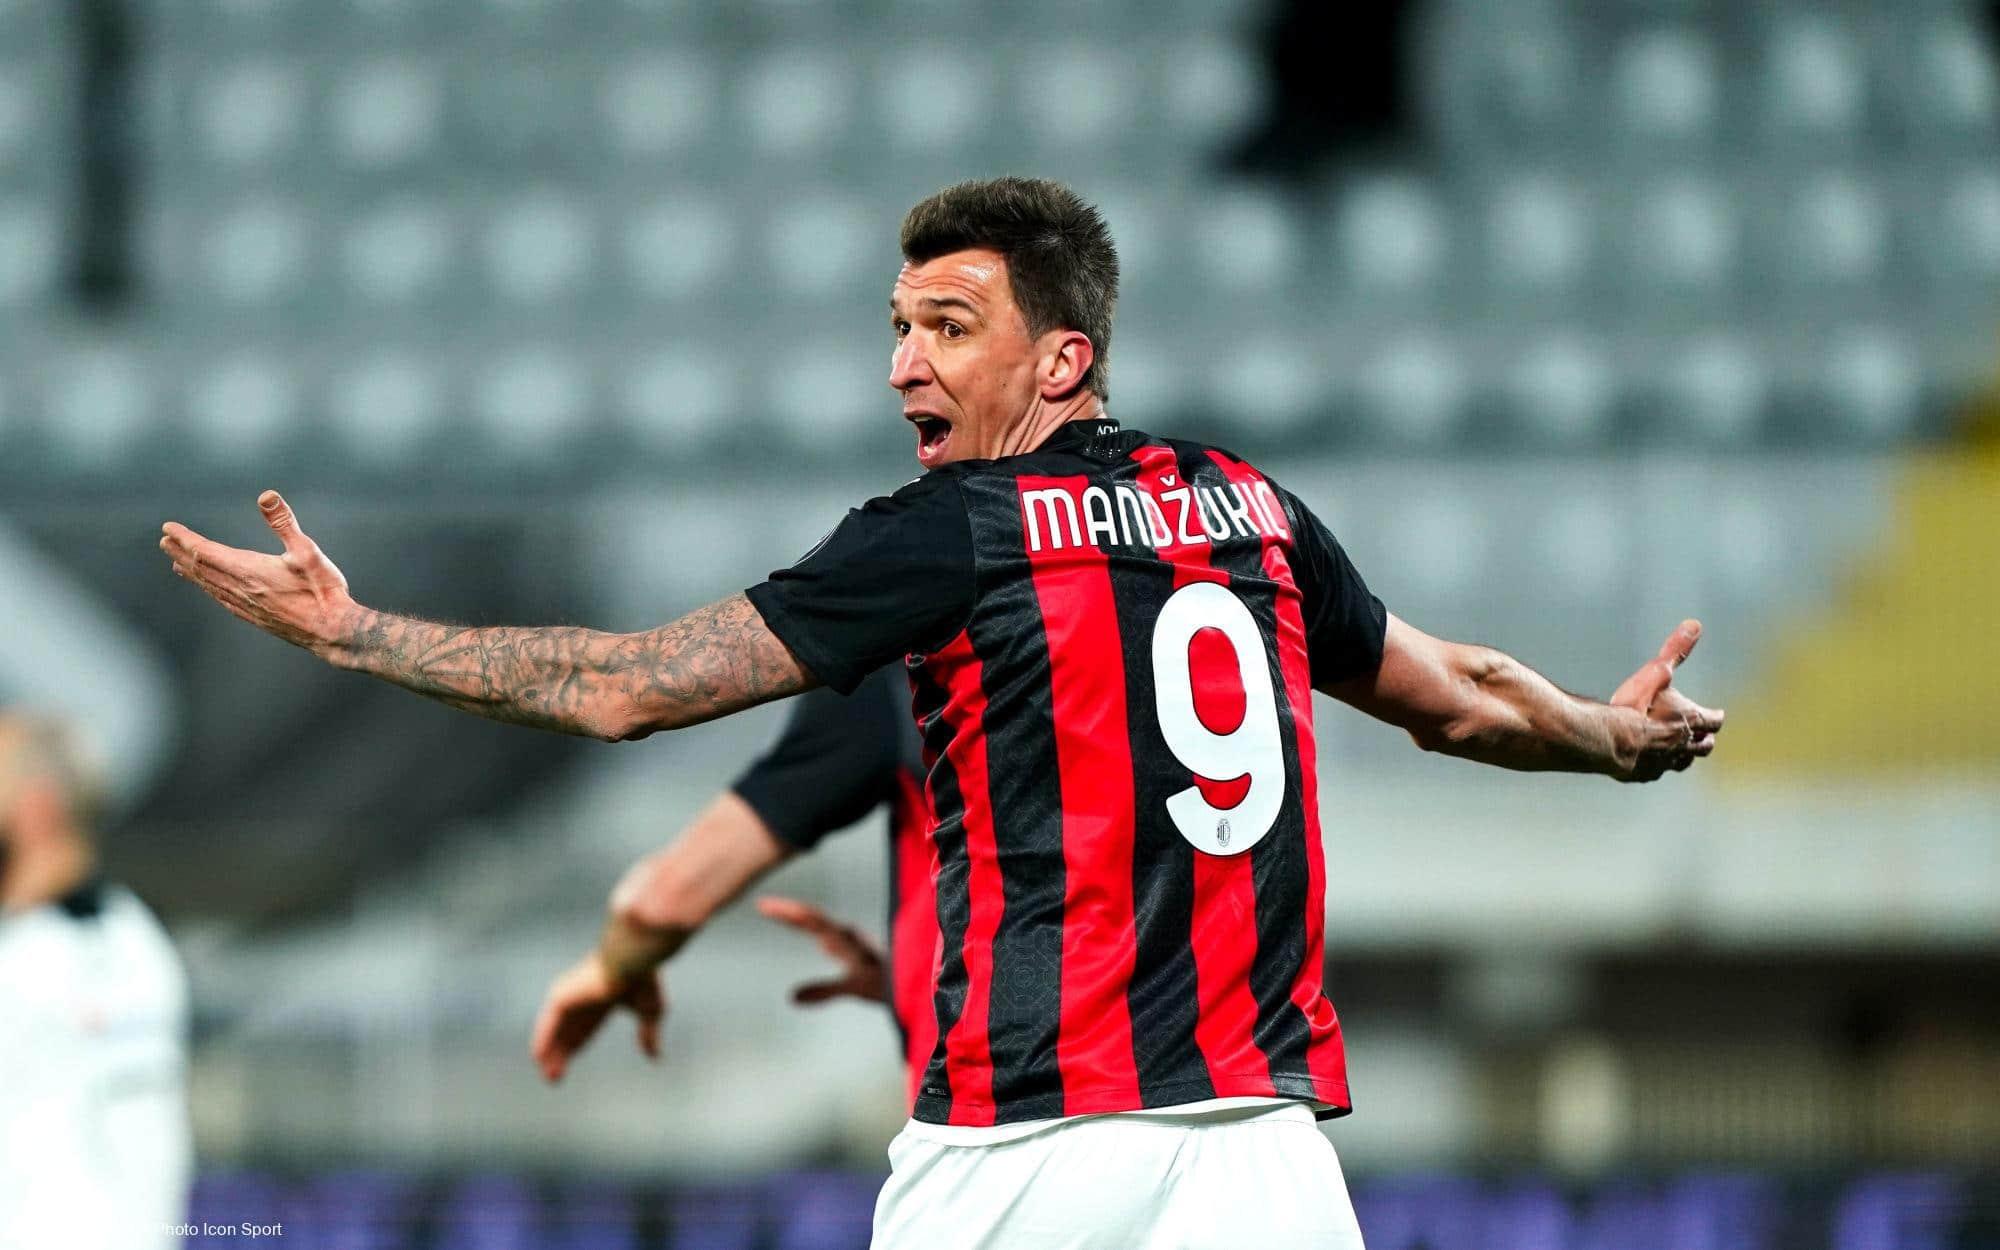 Mandzukic, Milan AC